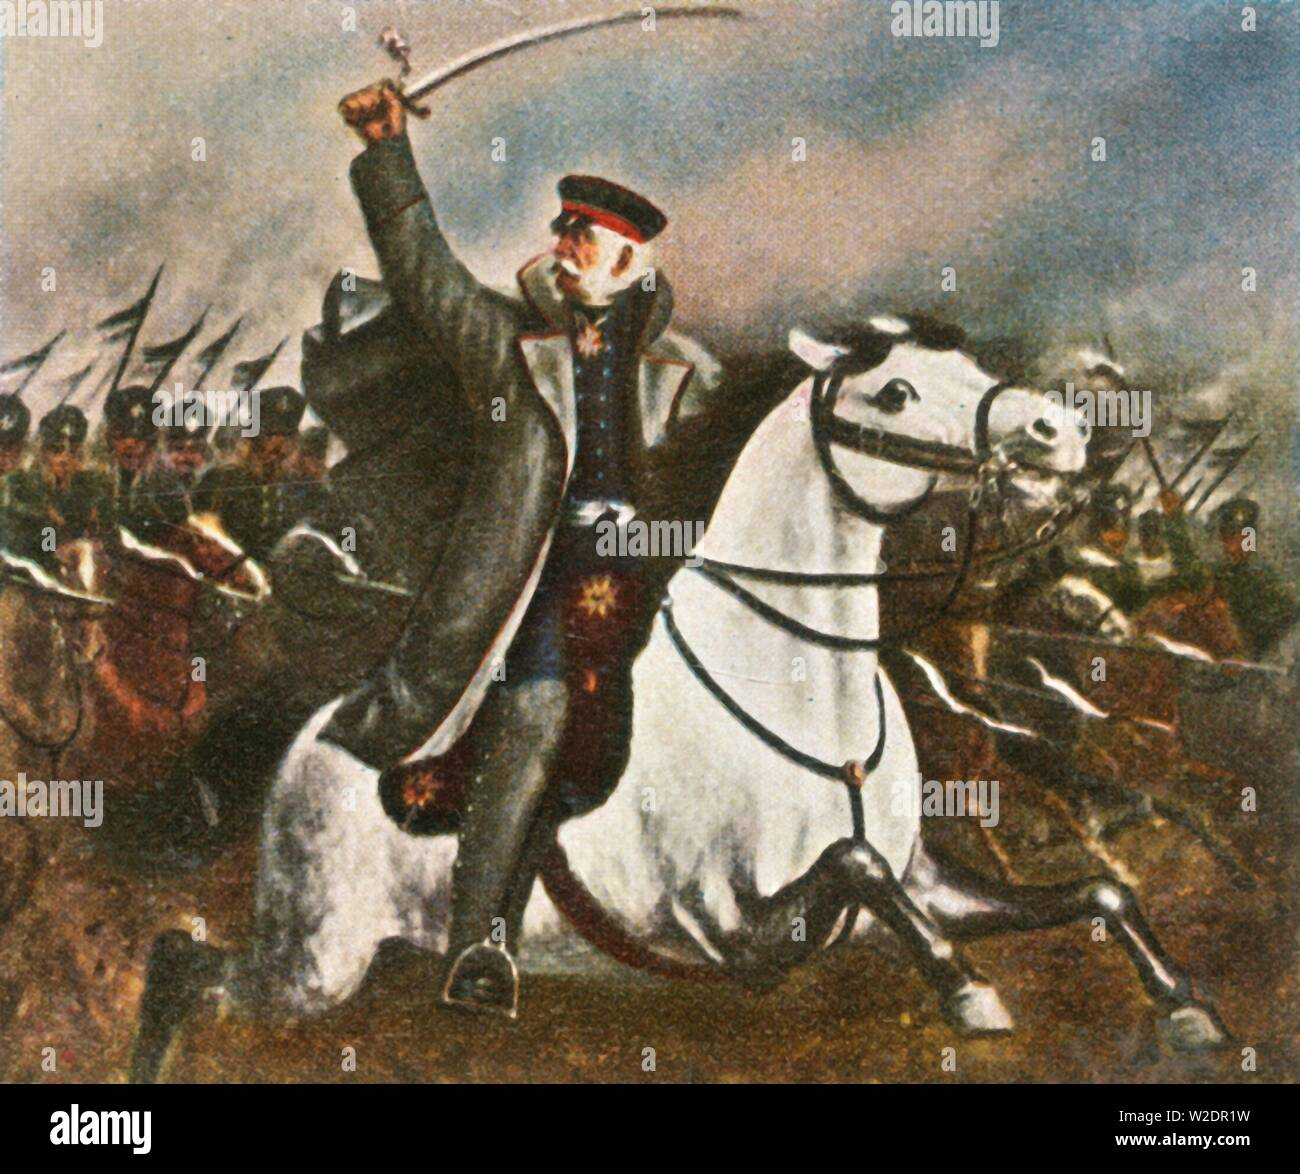 """Field Marshal Blücher, (1936). 'Feldmarschall Blücher'. Prussian Generalfeldmarschall Gebhard Leberecht von Blücher, Fürst von Wahlstatt (1742-1819) earned his greatest recognition after leading his army against Napoleon I at the Battle of the Nations at Leipzig in 1813 and the Battle of Waterloo in 1815. From """"Bilder Deutscher Geschichte"""", (Pictures of German History), No.12, cigarette card album. [Cigaretten-Bilderdienst, Altona-Bahrenfeld, Hamburg, Germany, 1936] - Stock Image"""